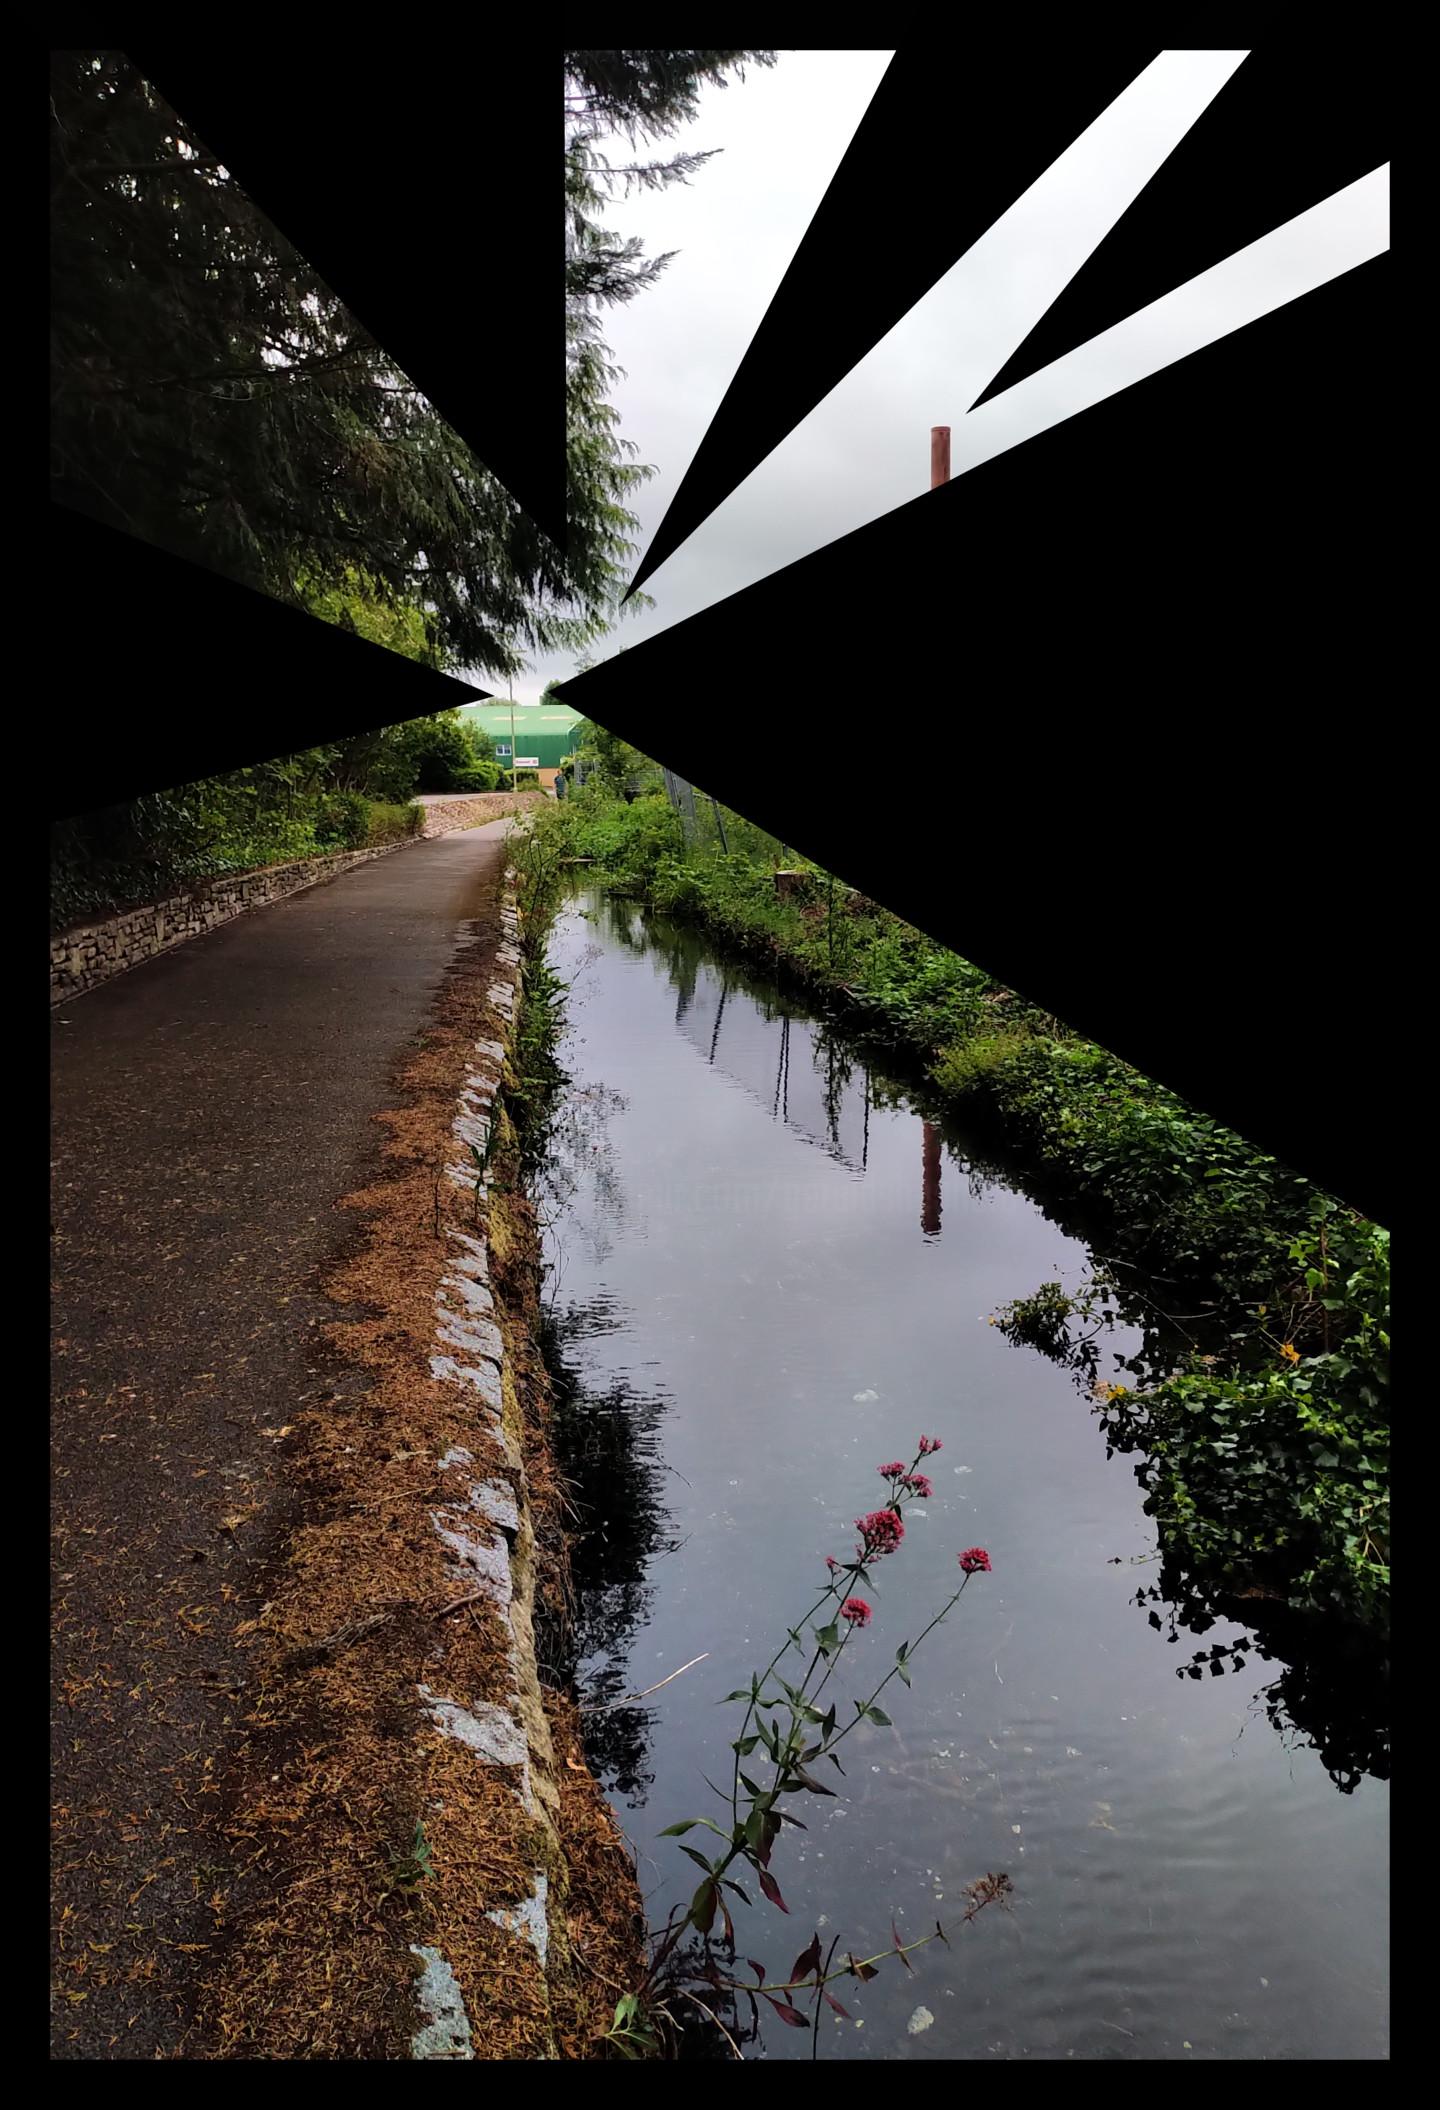 Gerald Shepherd - River Perspectives